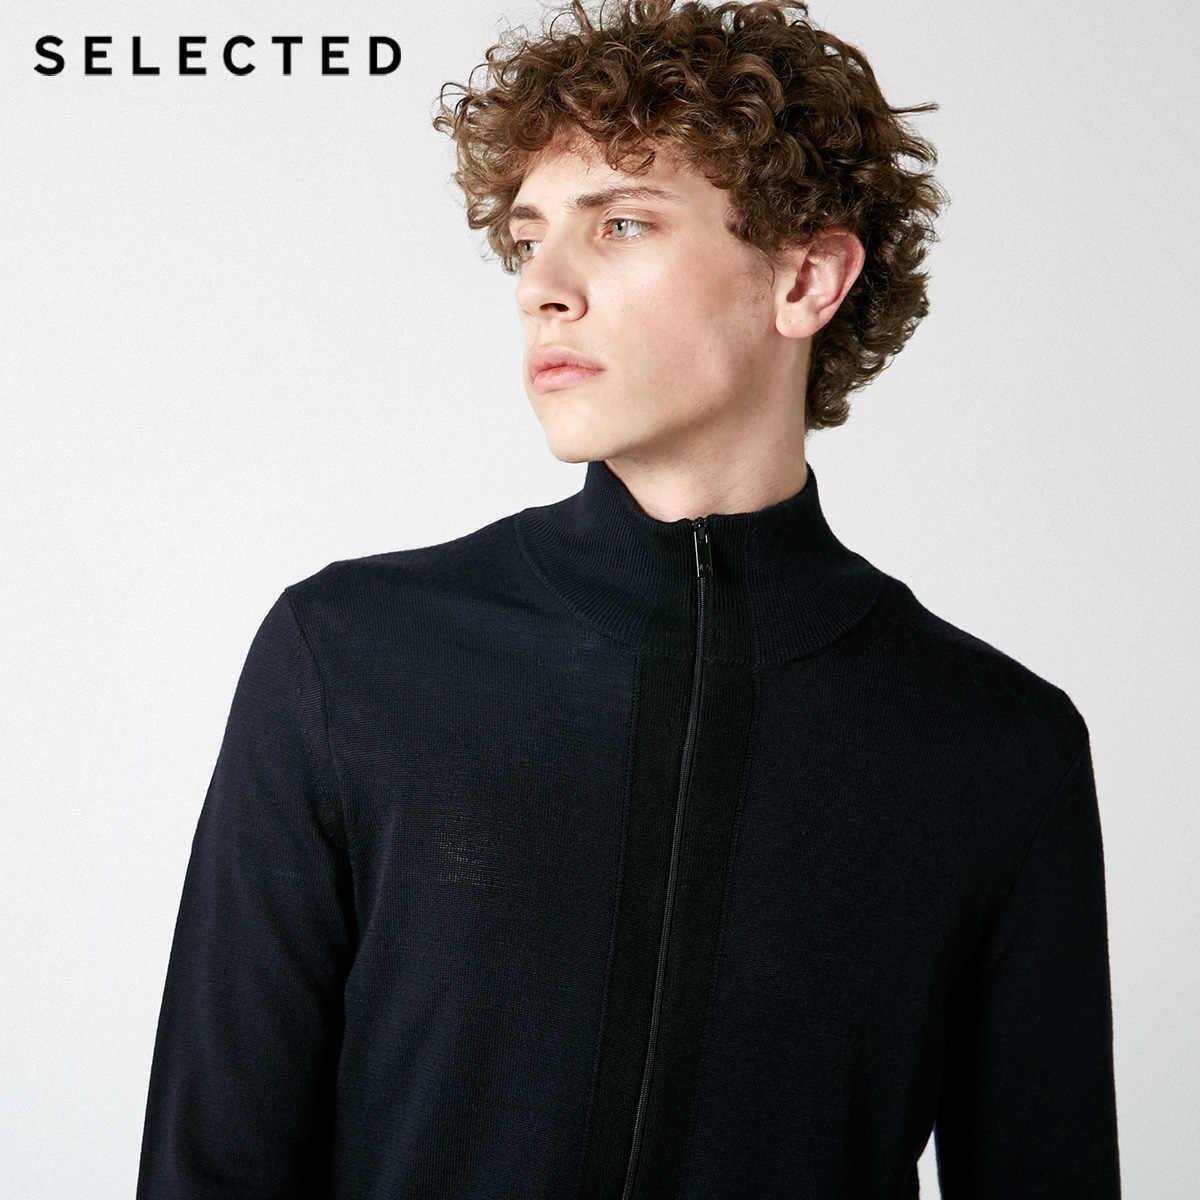 เลือก Blackrock ชายคอซิปที่มีขนสัตว์ถักเสื้อสเวตเตอร์ถักใหม่เสื้อผ้า S | 418324513